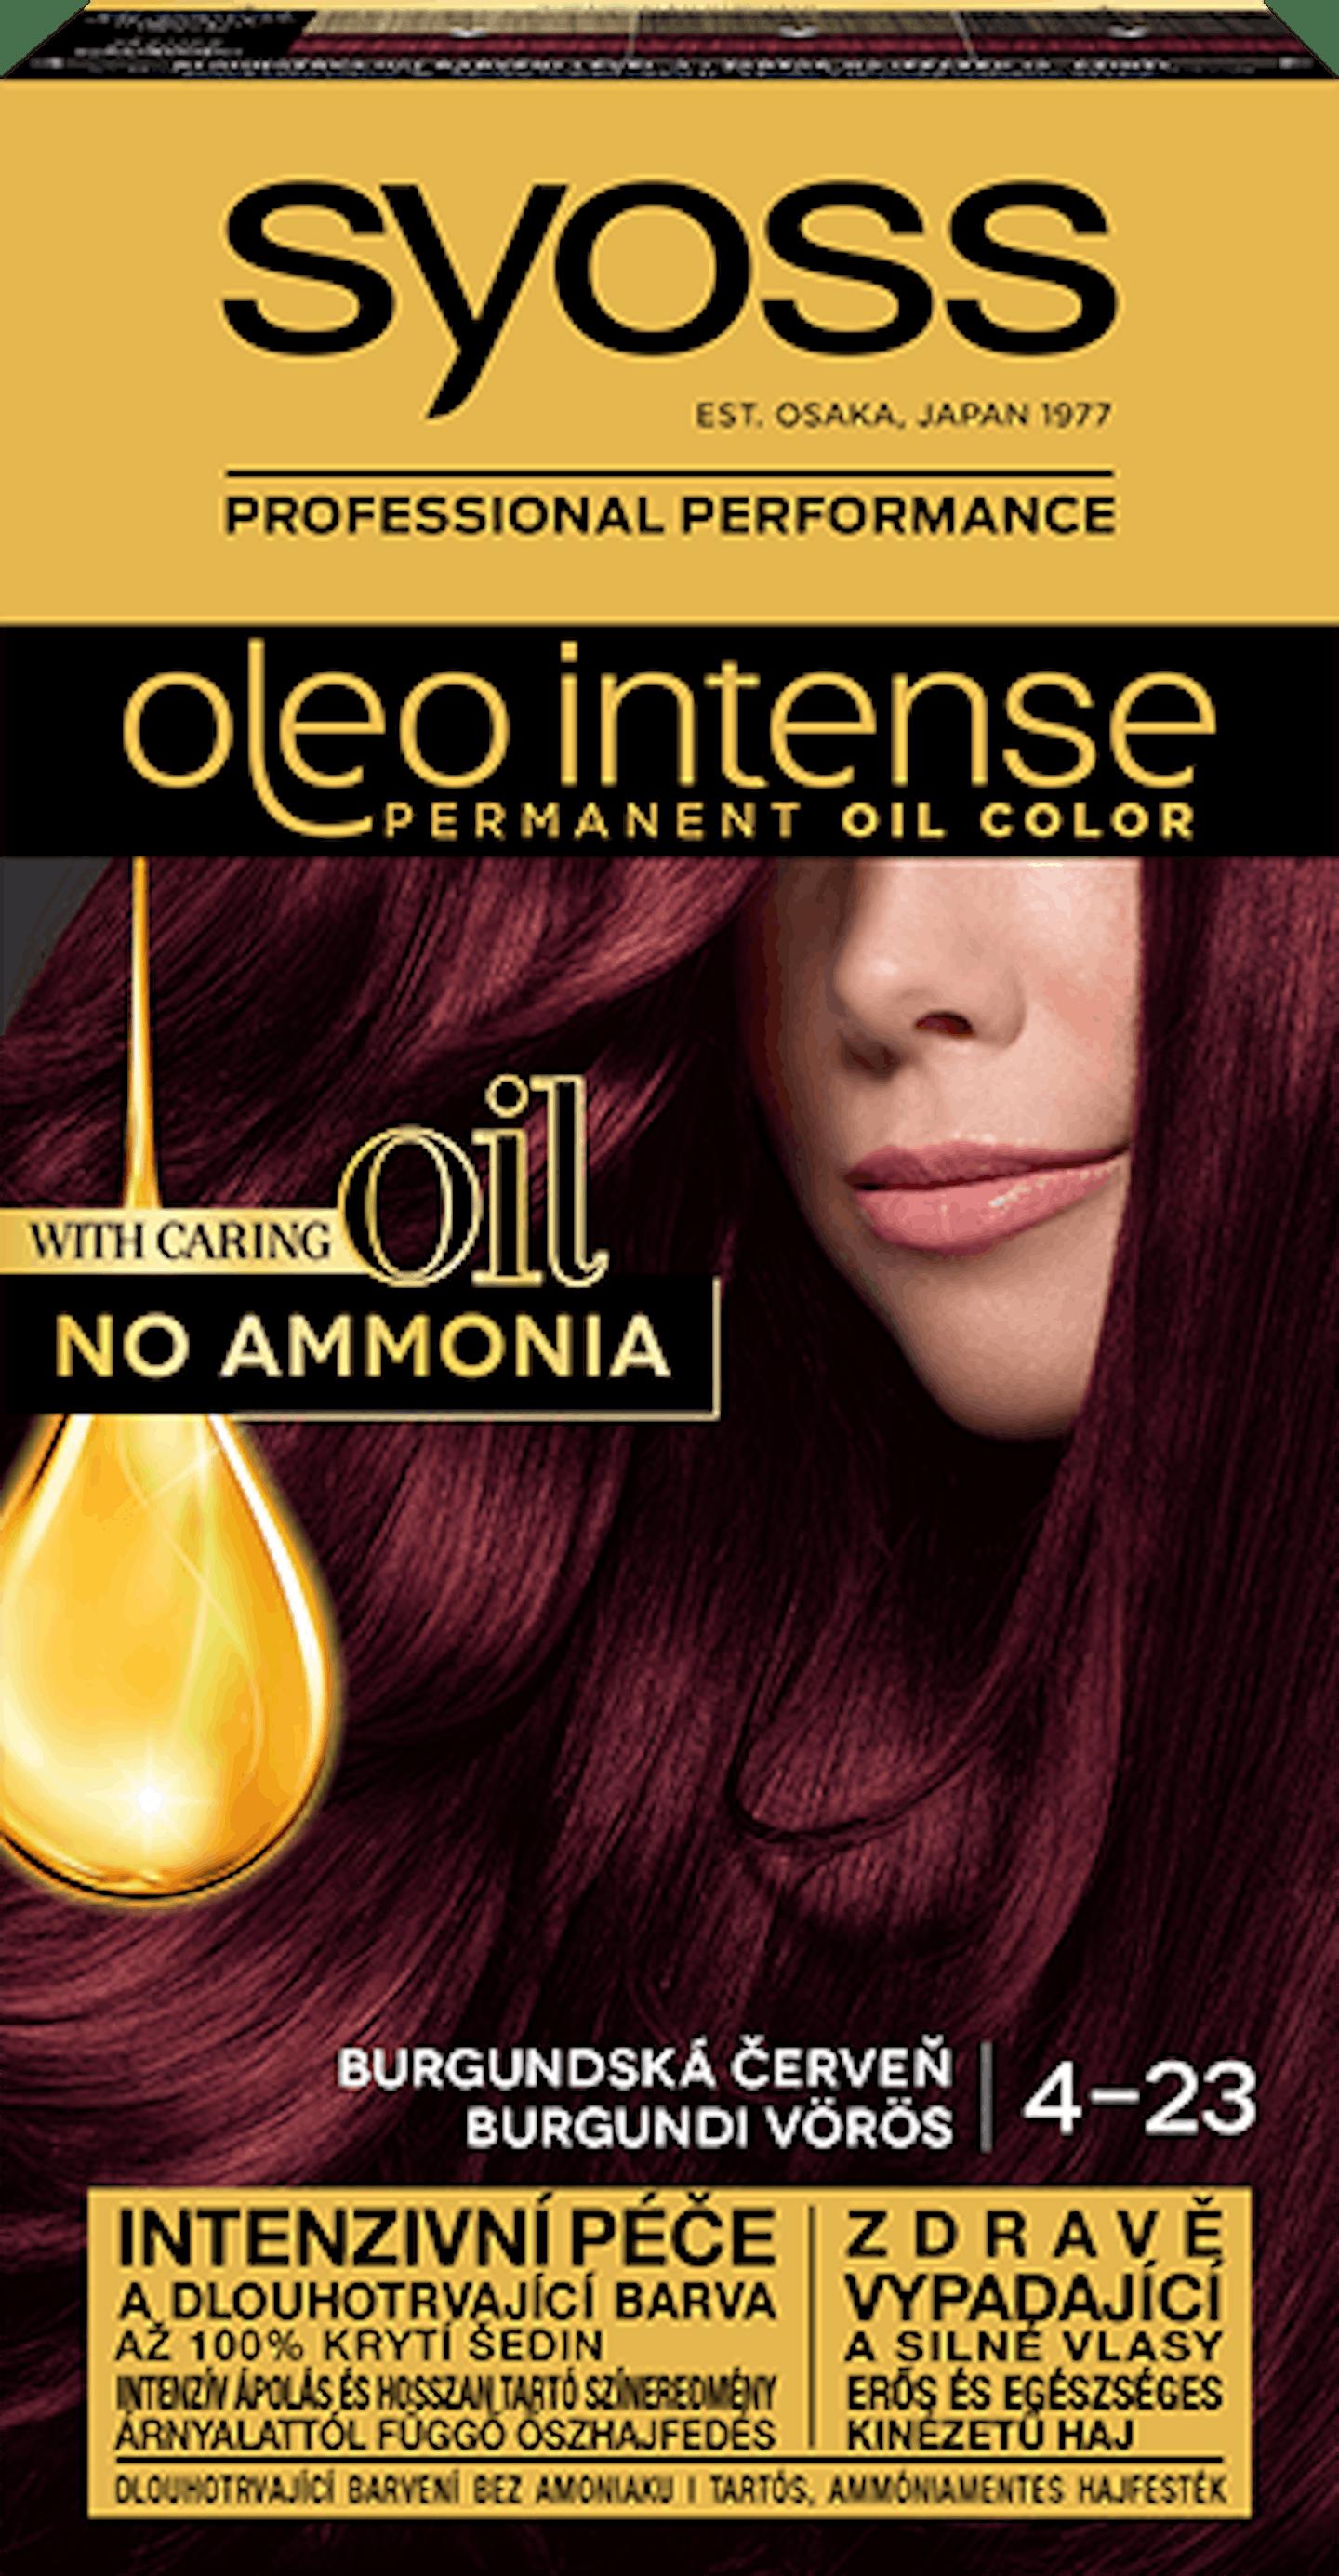 Oleo intense vopsea permanentă cu ulei - nuanta roșcat burgundy 4-23